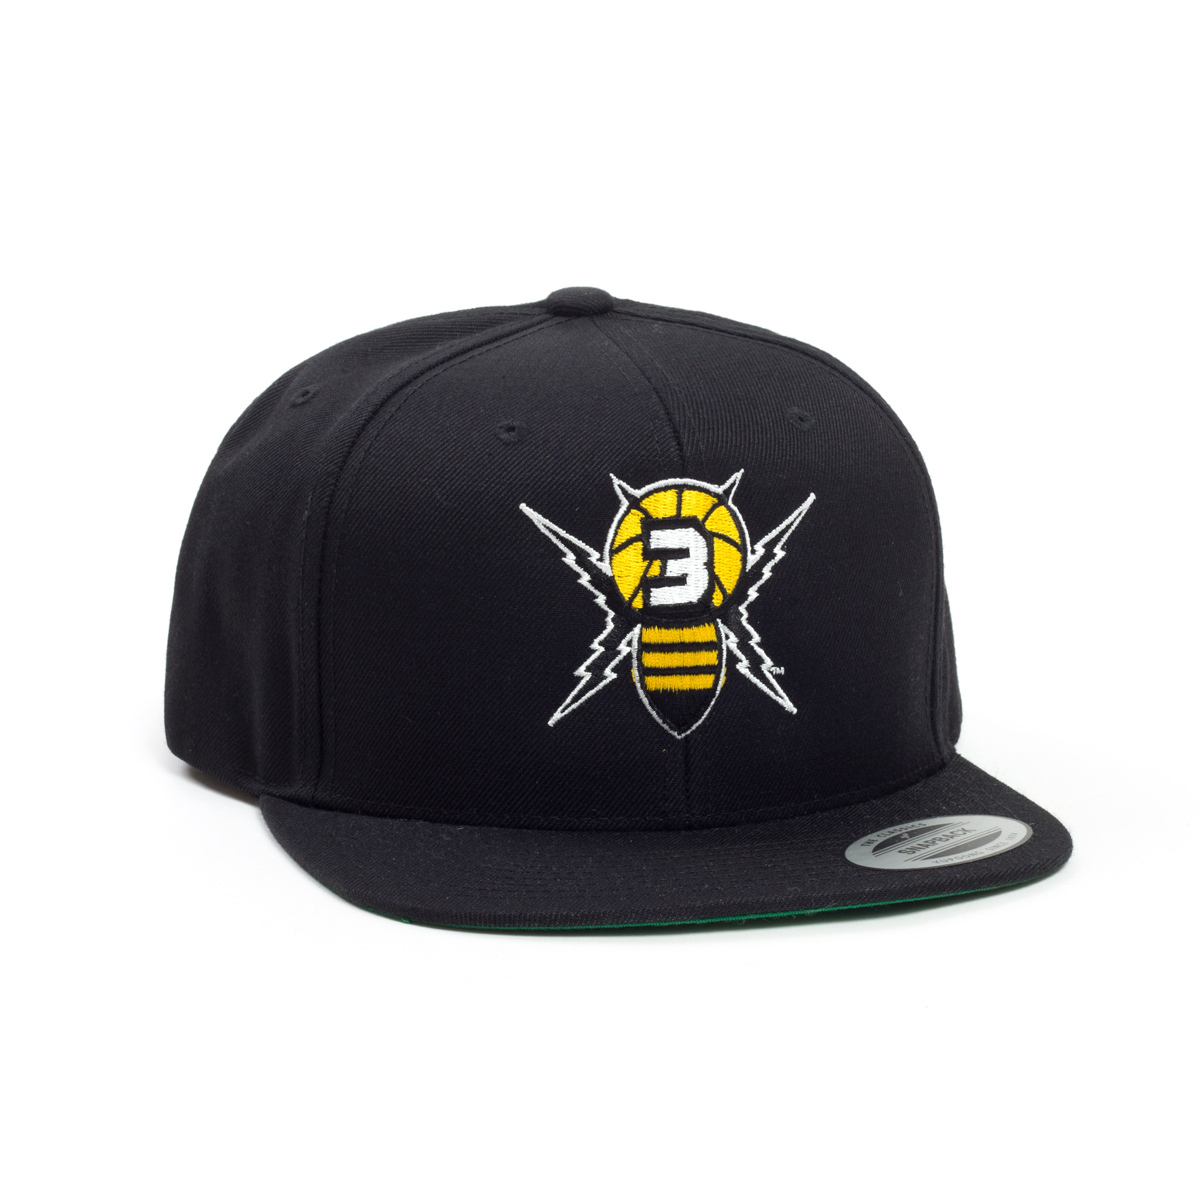 Killer 3's - Black Flatbrim Hat